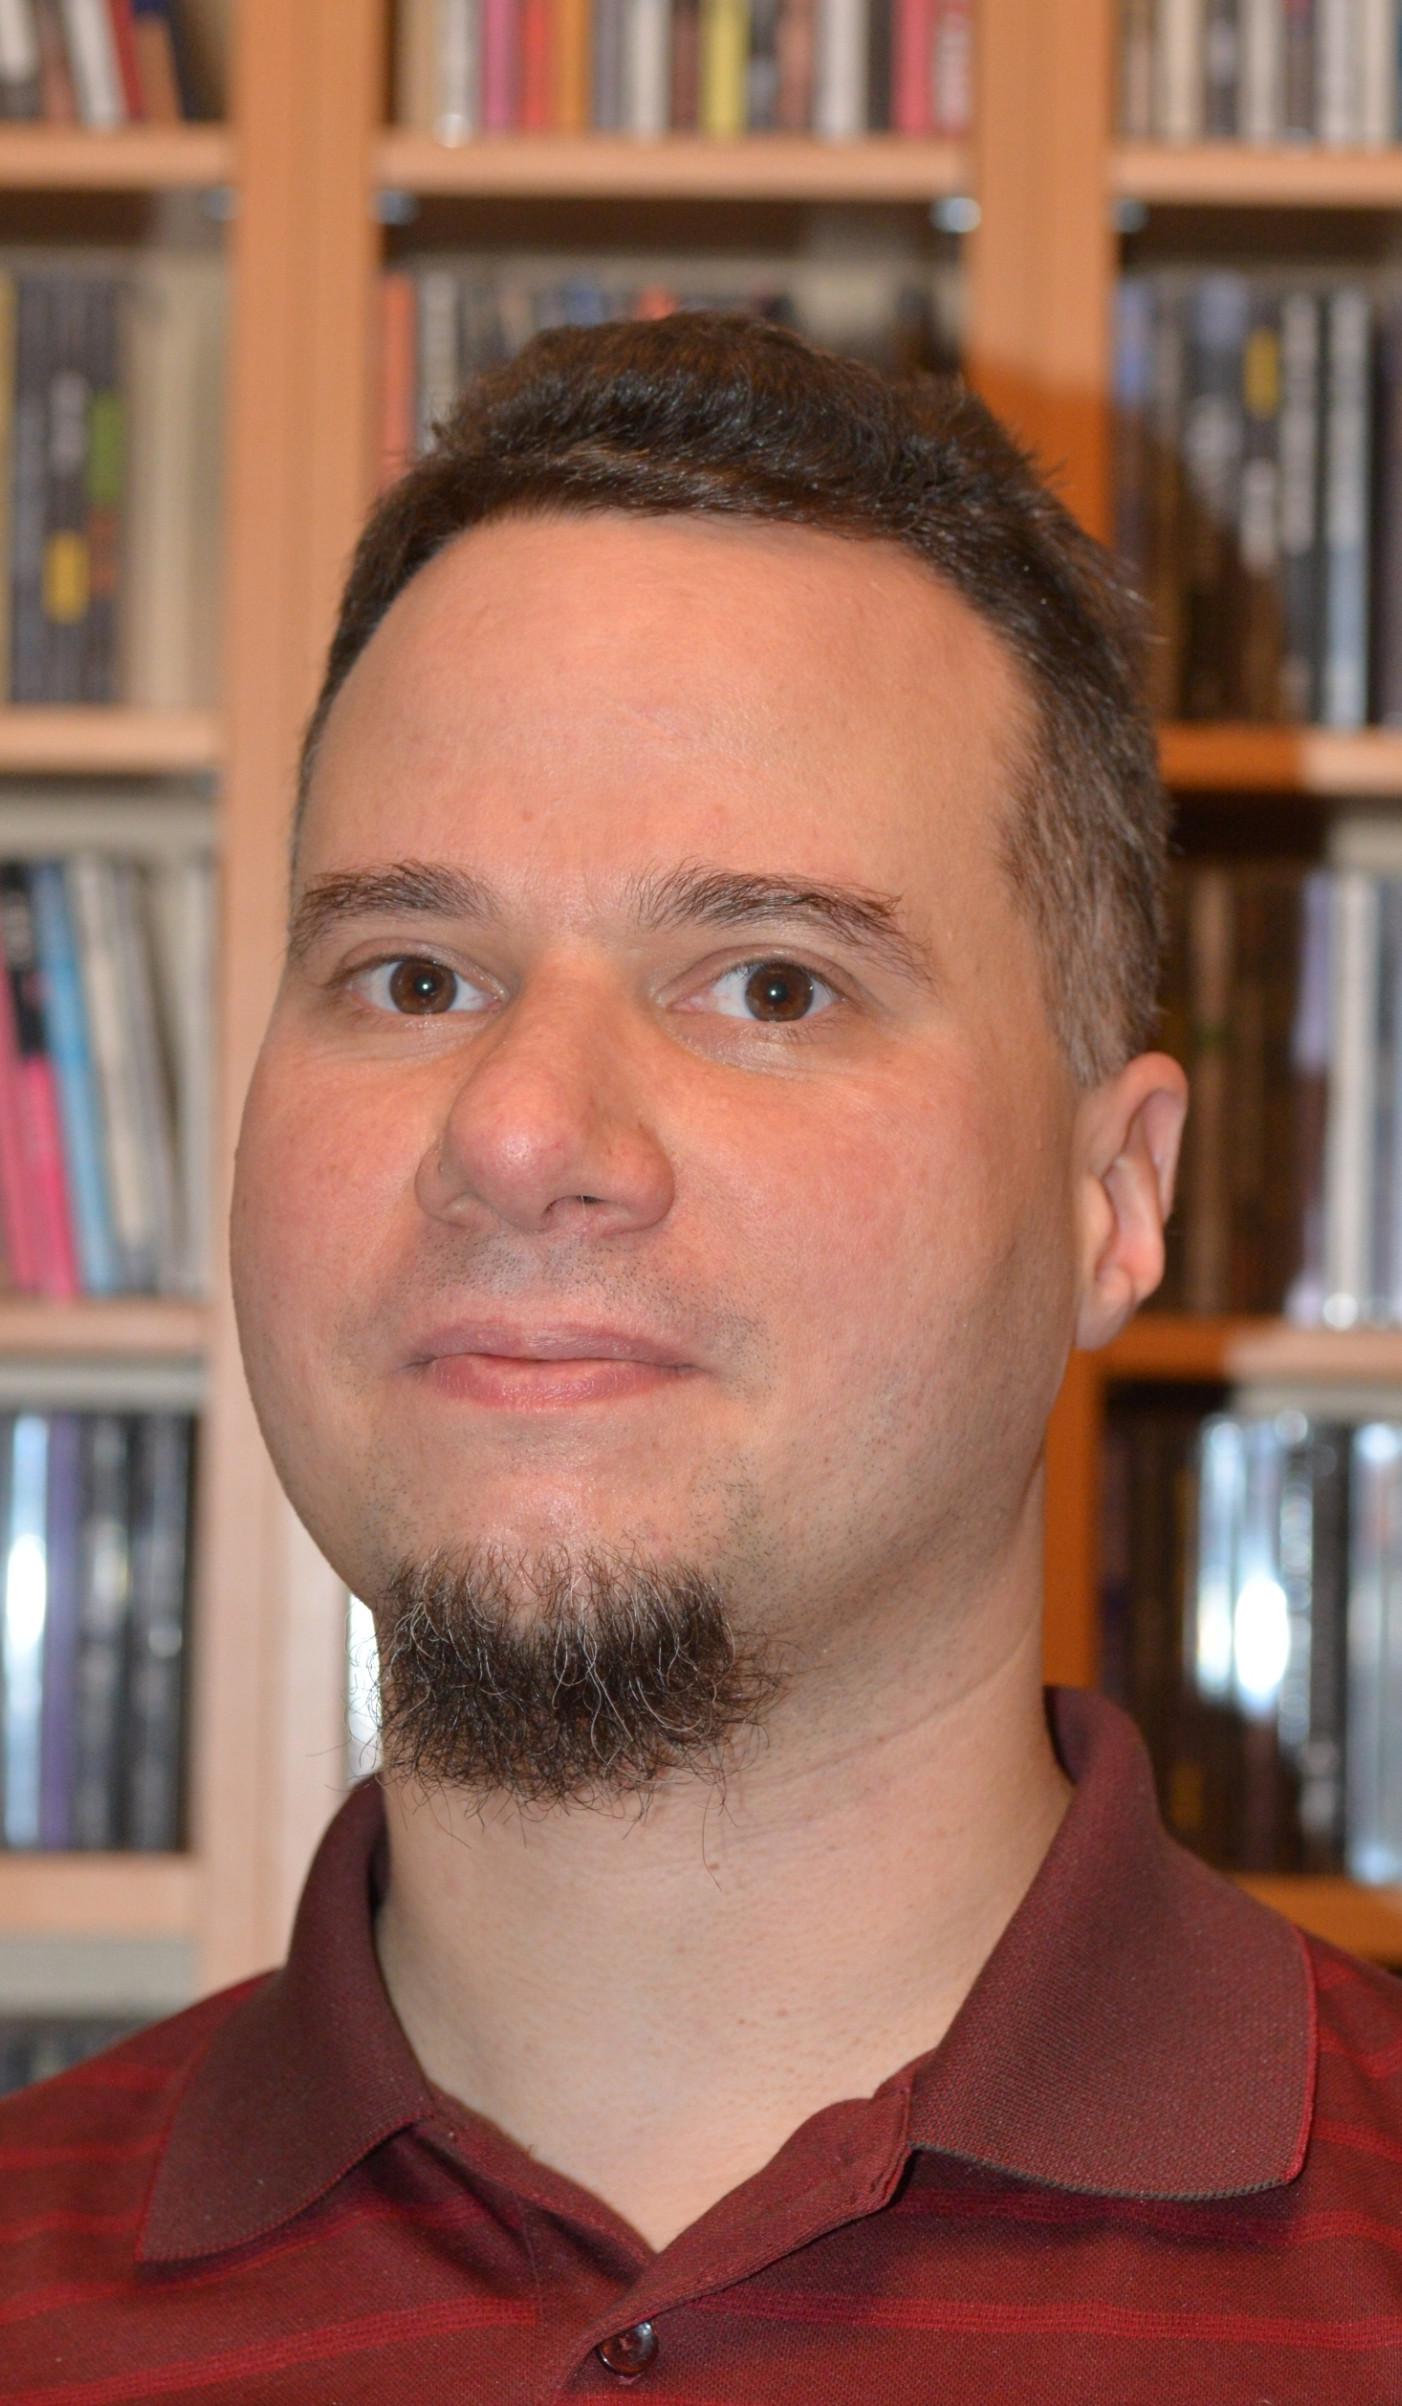 Image of Markus